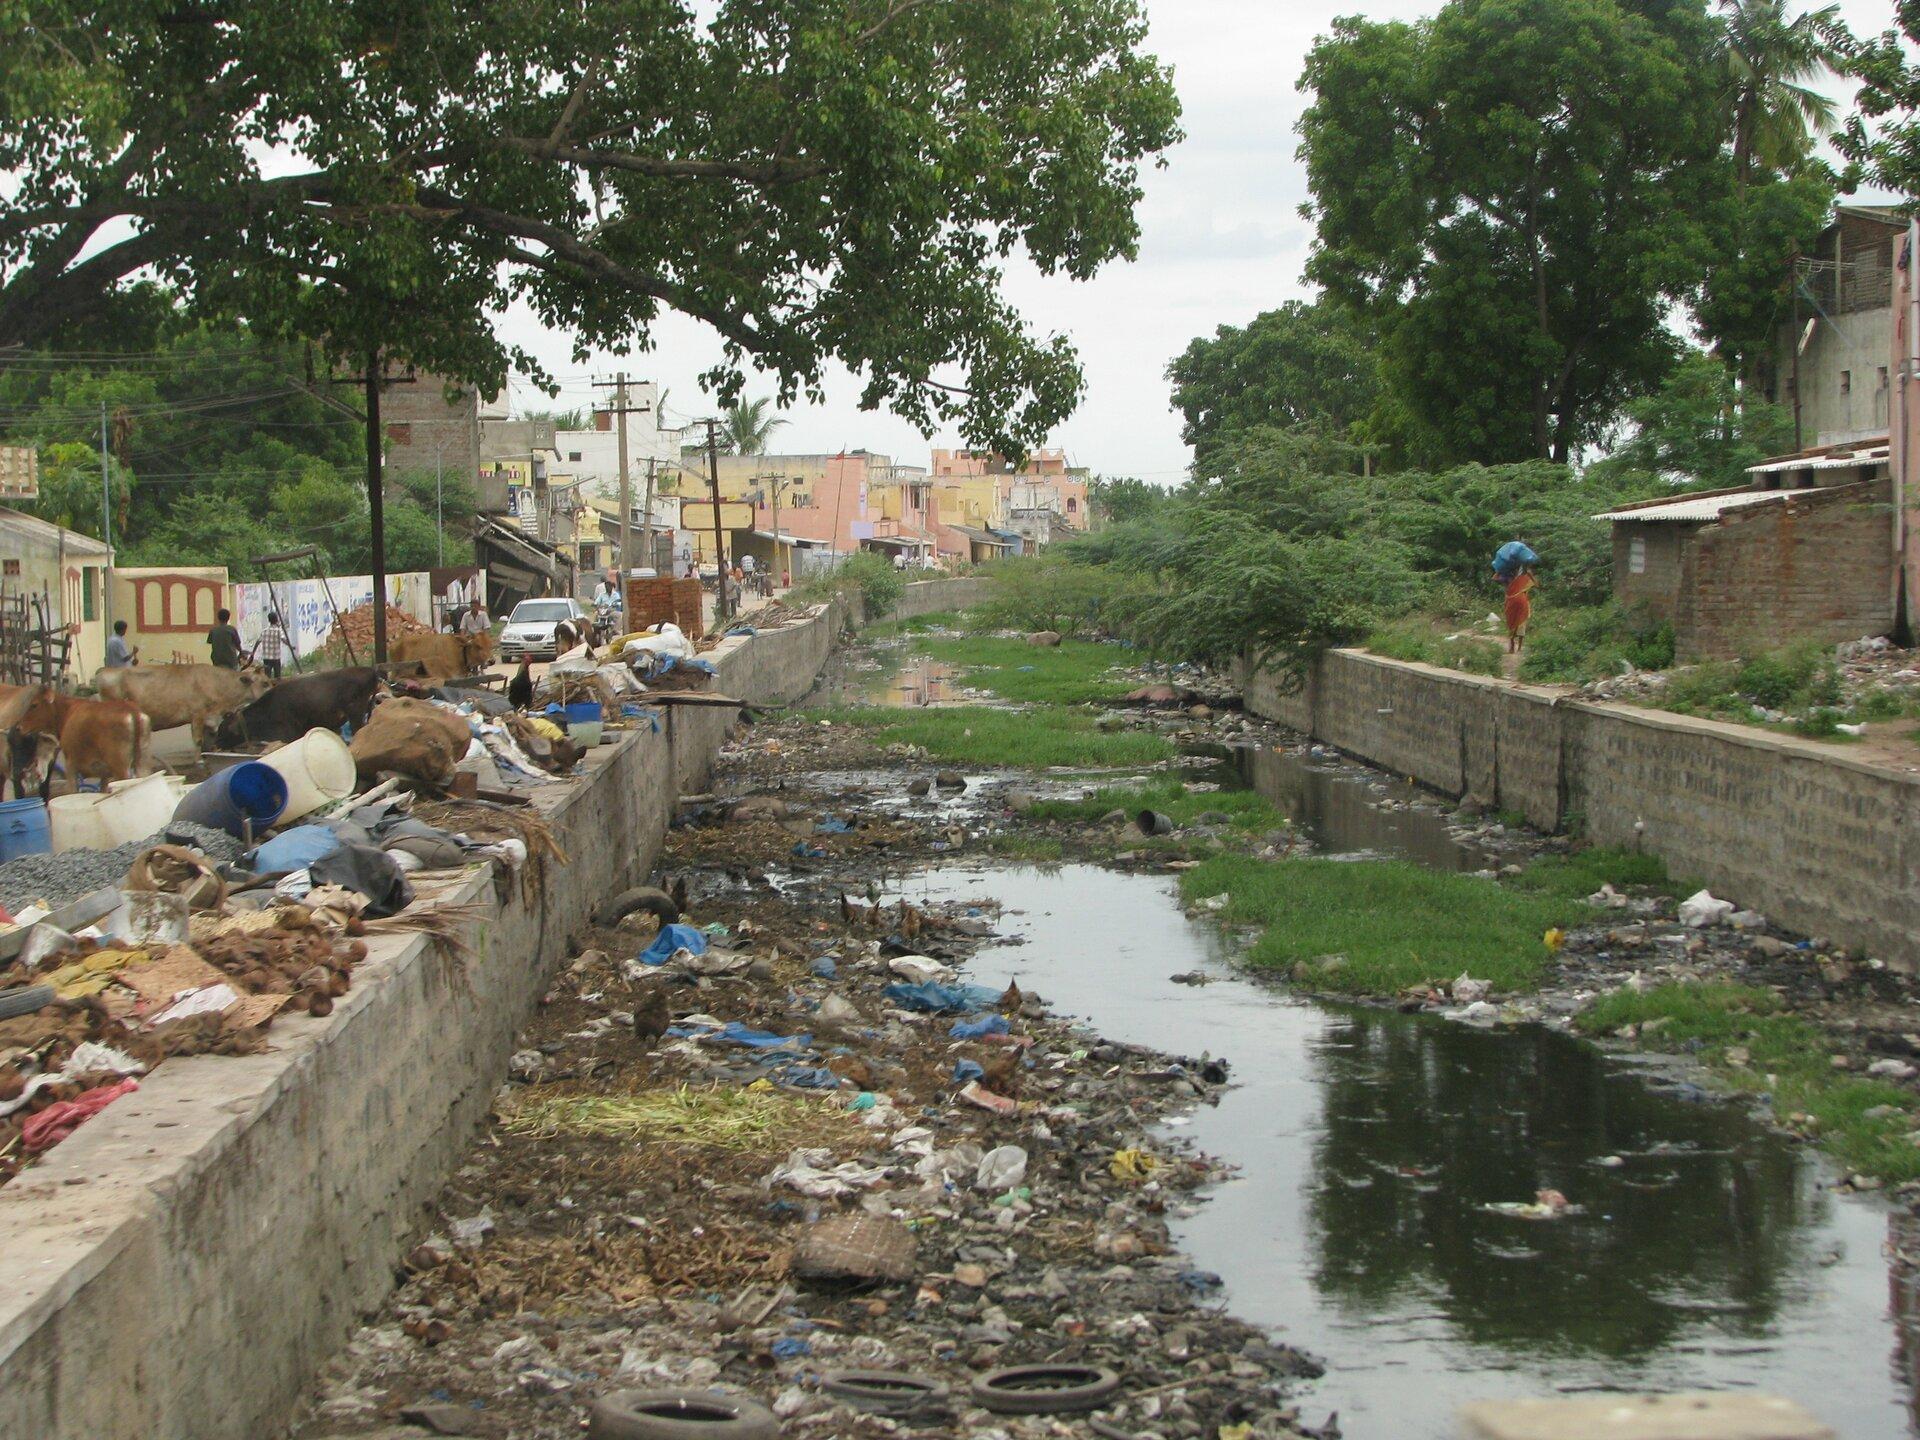 Na zdjęciu częściowo wyschnięte koryto rzeki. Brzegi wzmocnione betonowymi ścianami. Na dnie koryta ina brzegach duża ilość zanieczyszczeń. Plastikowe butelki, wiadra, szmaty. Wtle zabudowania.